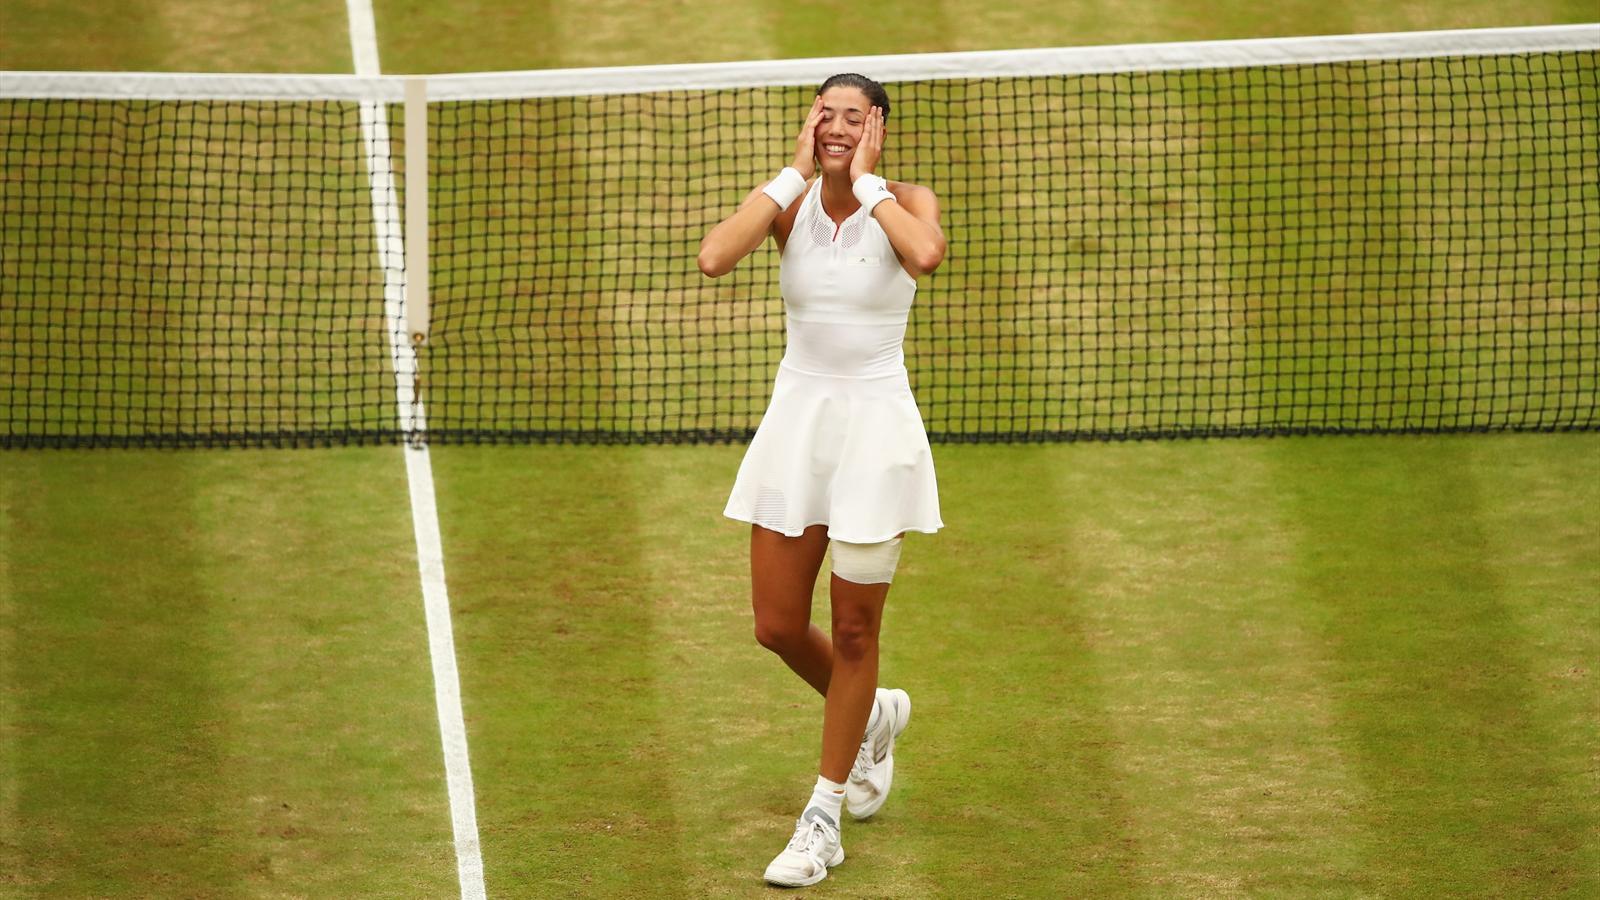 Wimbledon : finale dames - Garbiñe Muguruza :